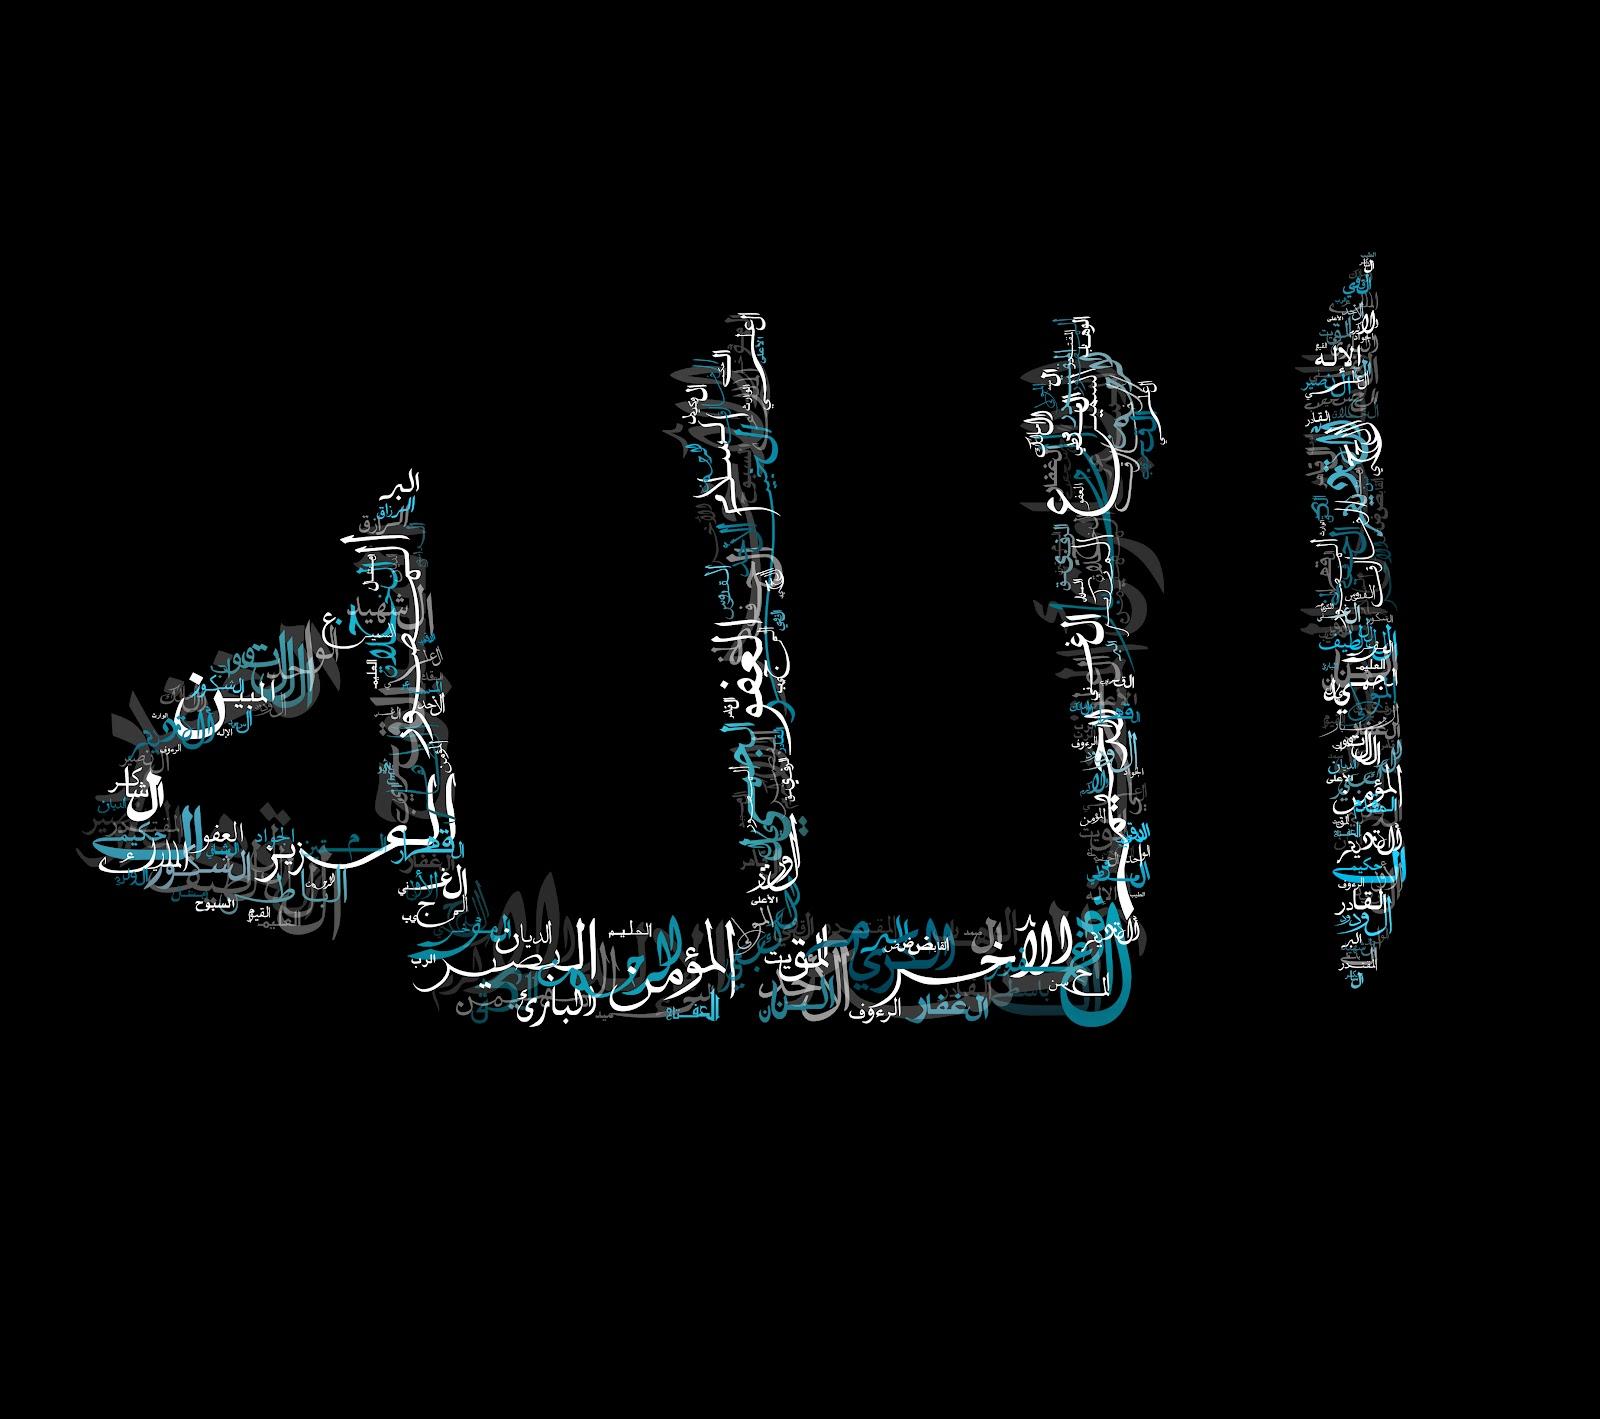 Masih banyak koleksi wallpaper-wallpaper Islami pada blog ini, mudah ...